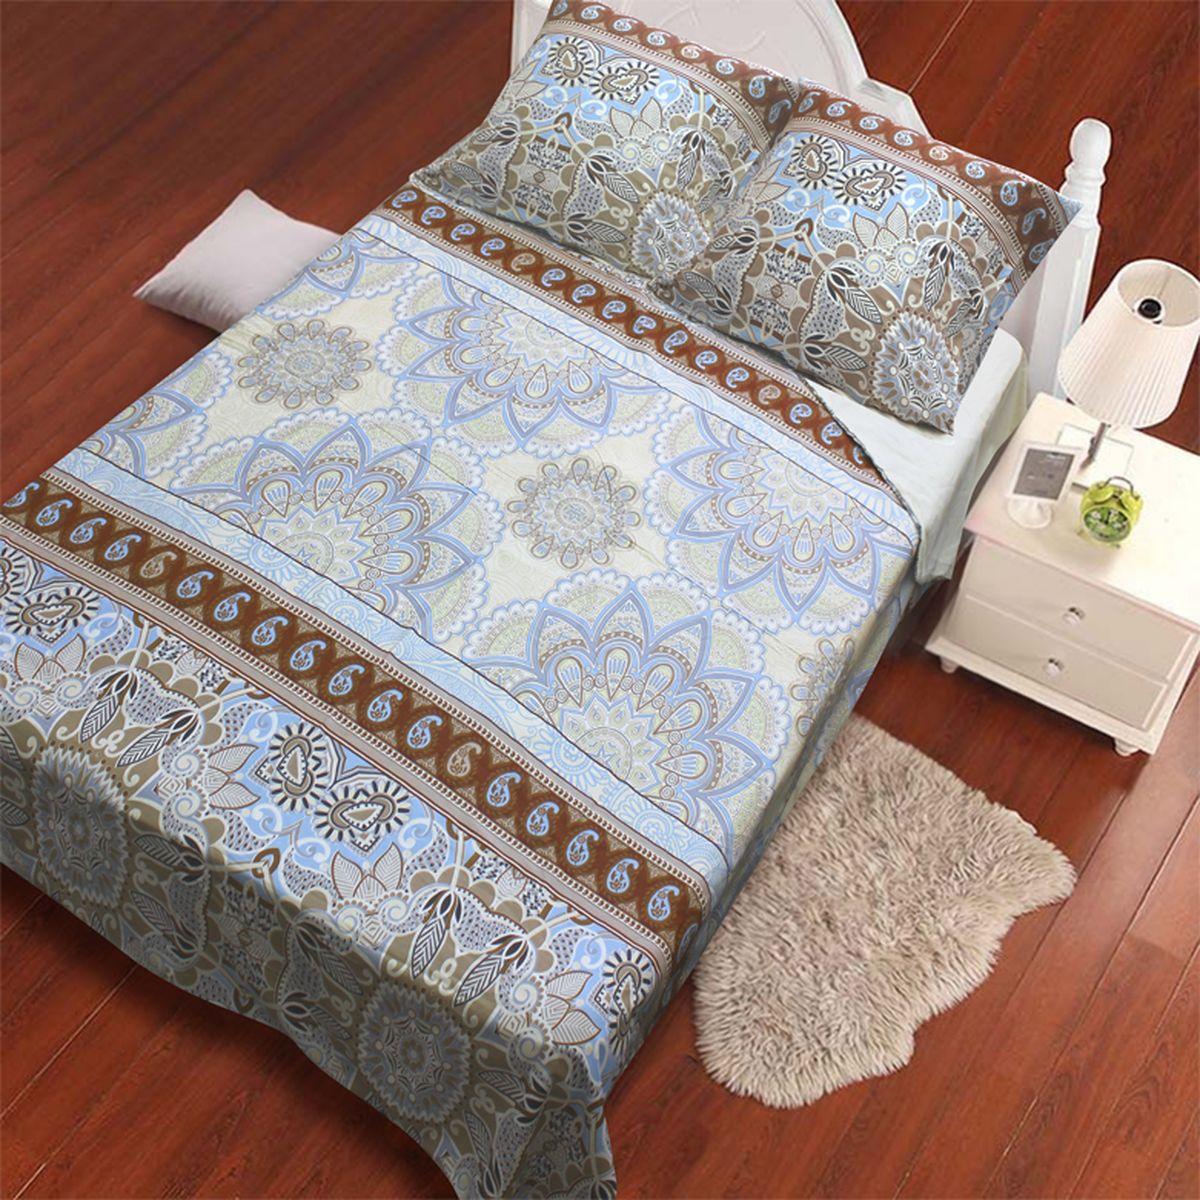 Комплект белья Amore Mio Vostok, 1,5-спальный, наволочки 70x70, цвет: молочный, бежевый, голубой82868Комплект постельного белья Amore Mio является экологически безопасным для всей семьи, так как выполнен из сатина (100% хлопок). Постельное белье оформлено оригинальным рисунком и имеет изысканный внешний вид. Сатин - это ткань сатинового (атласного) переплетения нитей. Имеет гладкую, шелковистую лицевую поверхность, на которой преобладают уточные нити (уток - горизонтально расположенные в тканом полотне нити). Сатин изготавливается из крученой хлопковой нити двойного плетения. Он чрезвычайно приятен на ощупь, не электризуется и не скользит по кровати. Сатин прекрасно сохраняет форму и не мнется, отлично пропускает воздух, что позволяет телу дышать и дарит здоровый и комфортный сон.Комплект состоит из пододеяльника, простыни и двух наволочек.